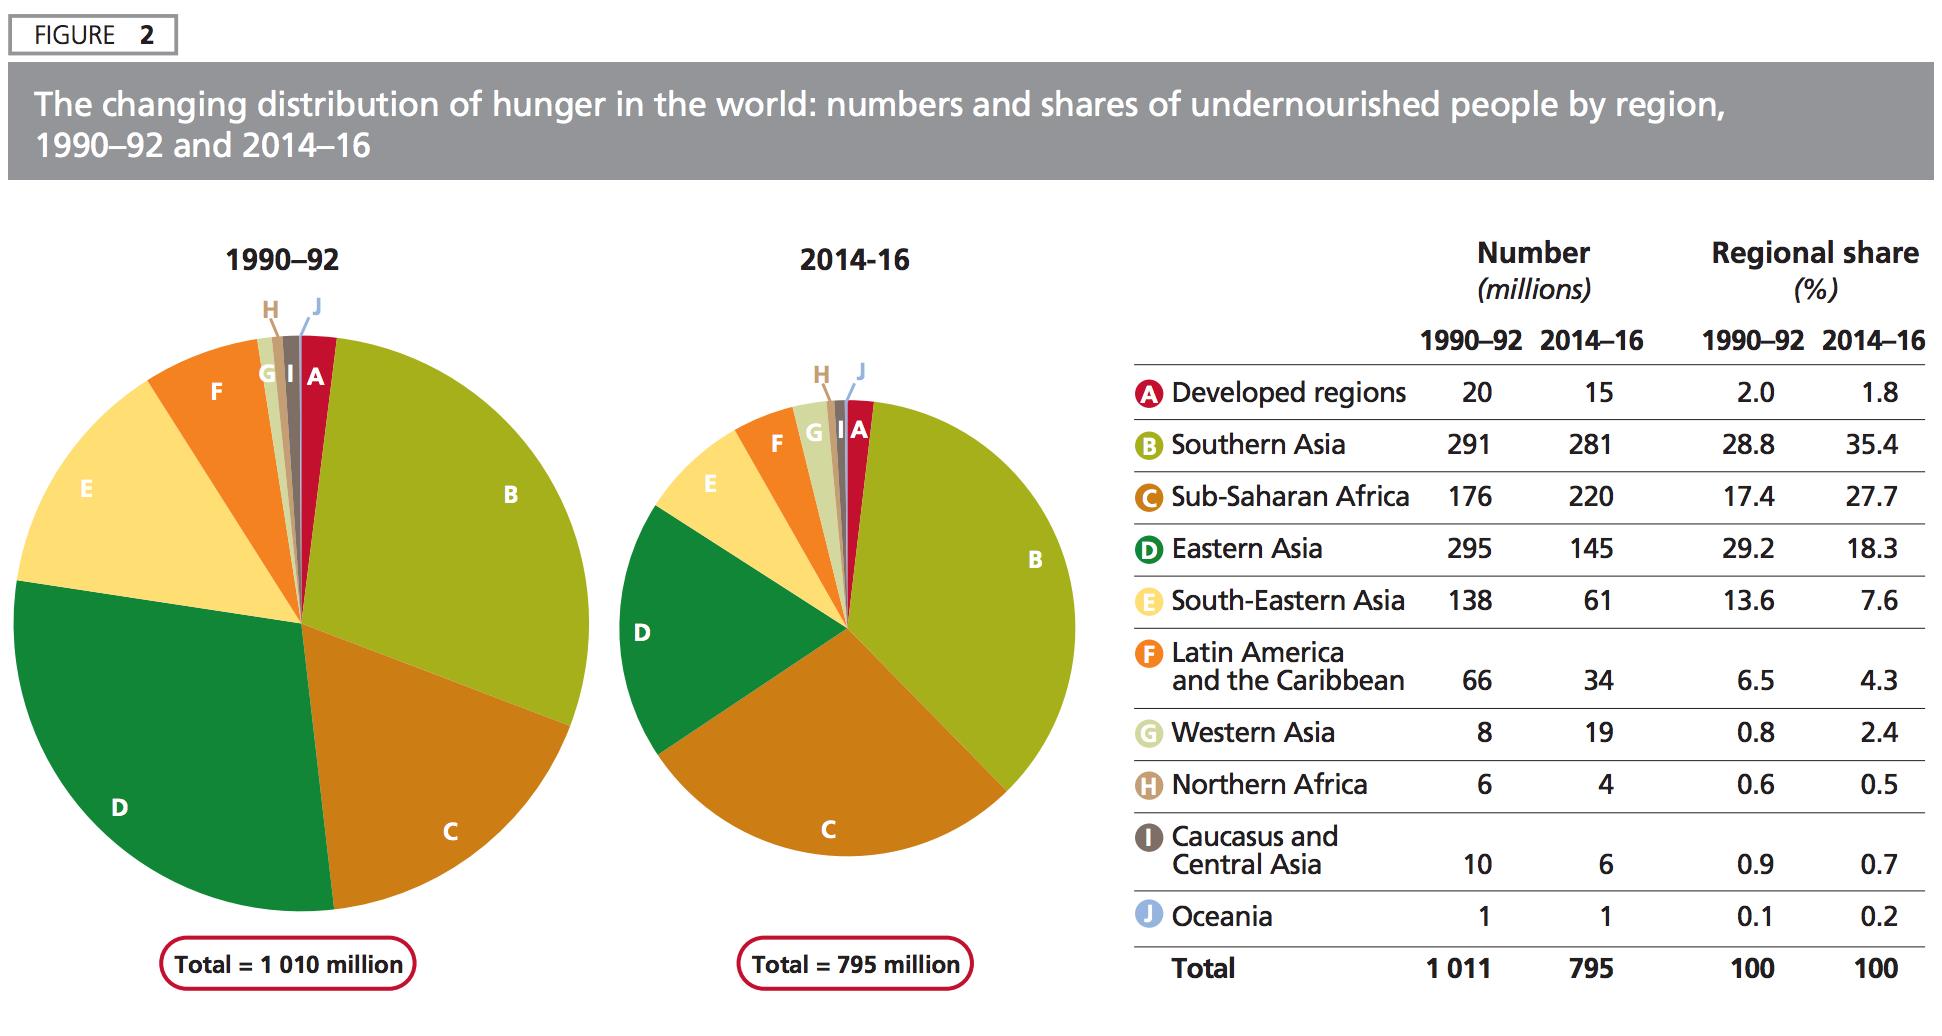 Levage et sous alimentation viande impact sur l 39 environnement la sant et les animaux - Portion de viande par personne ...